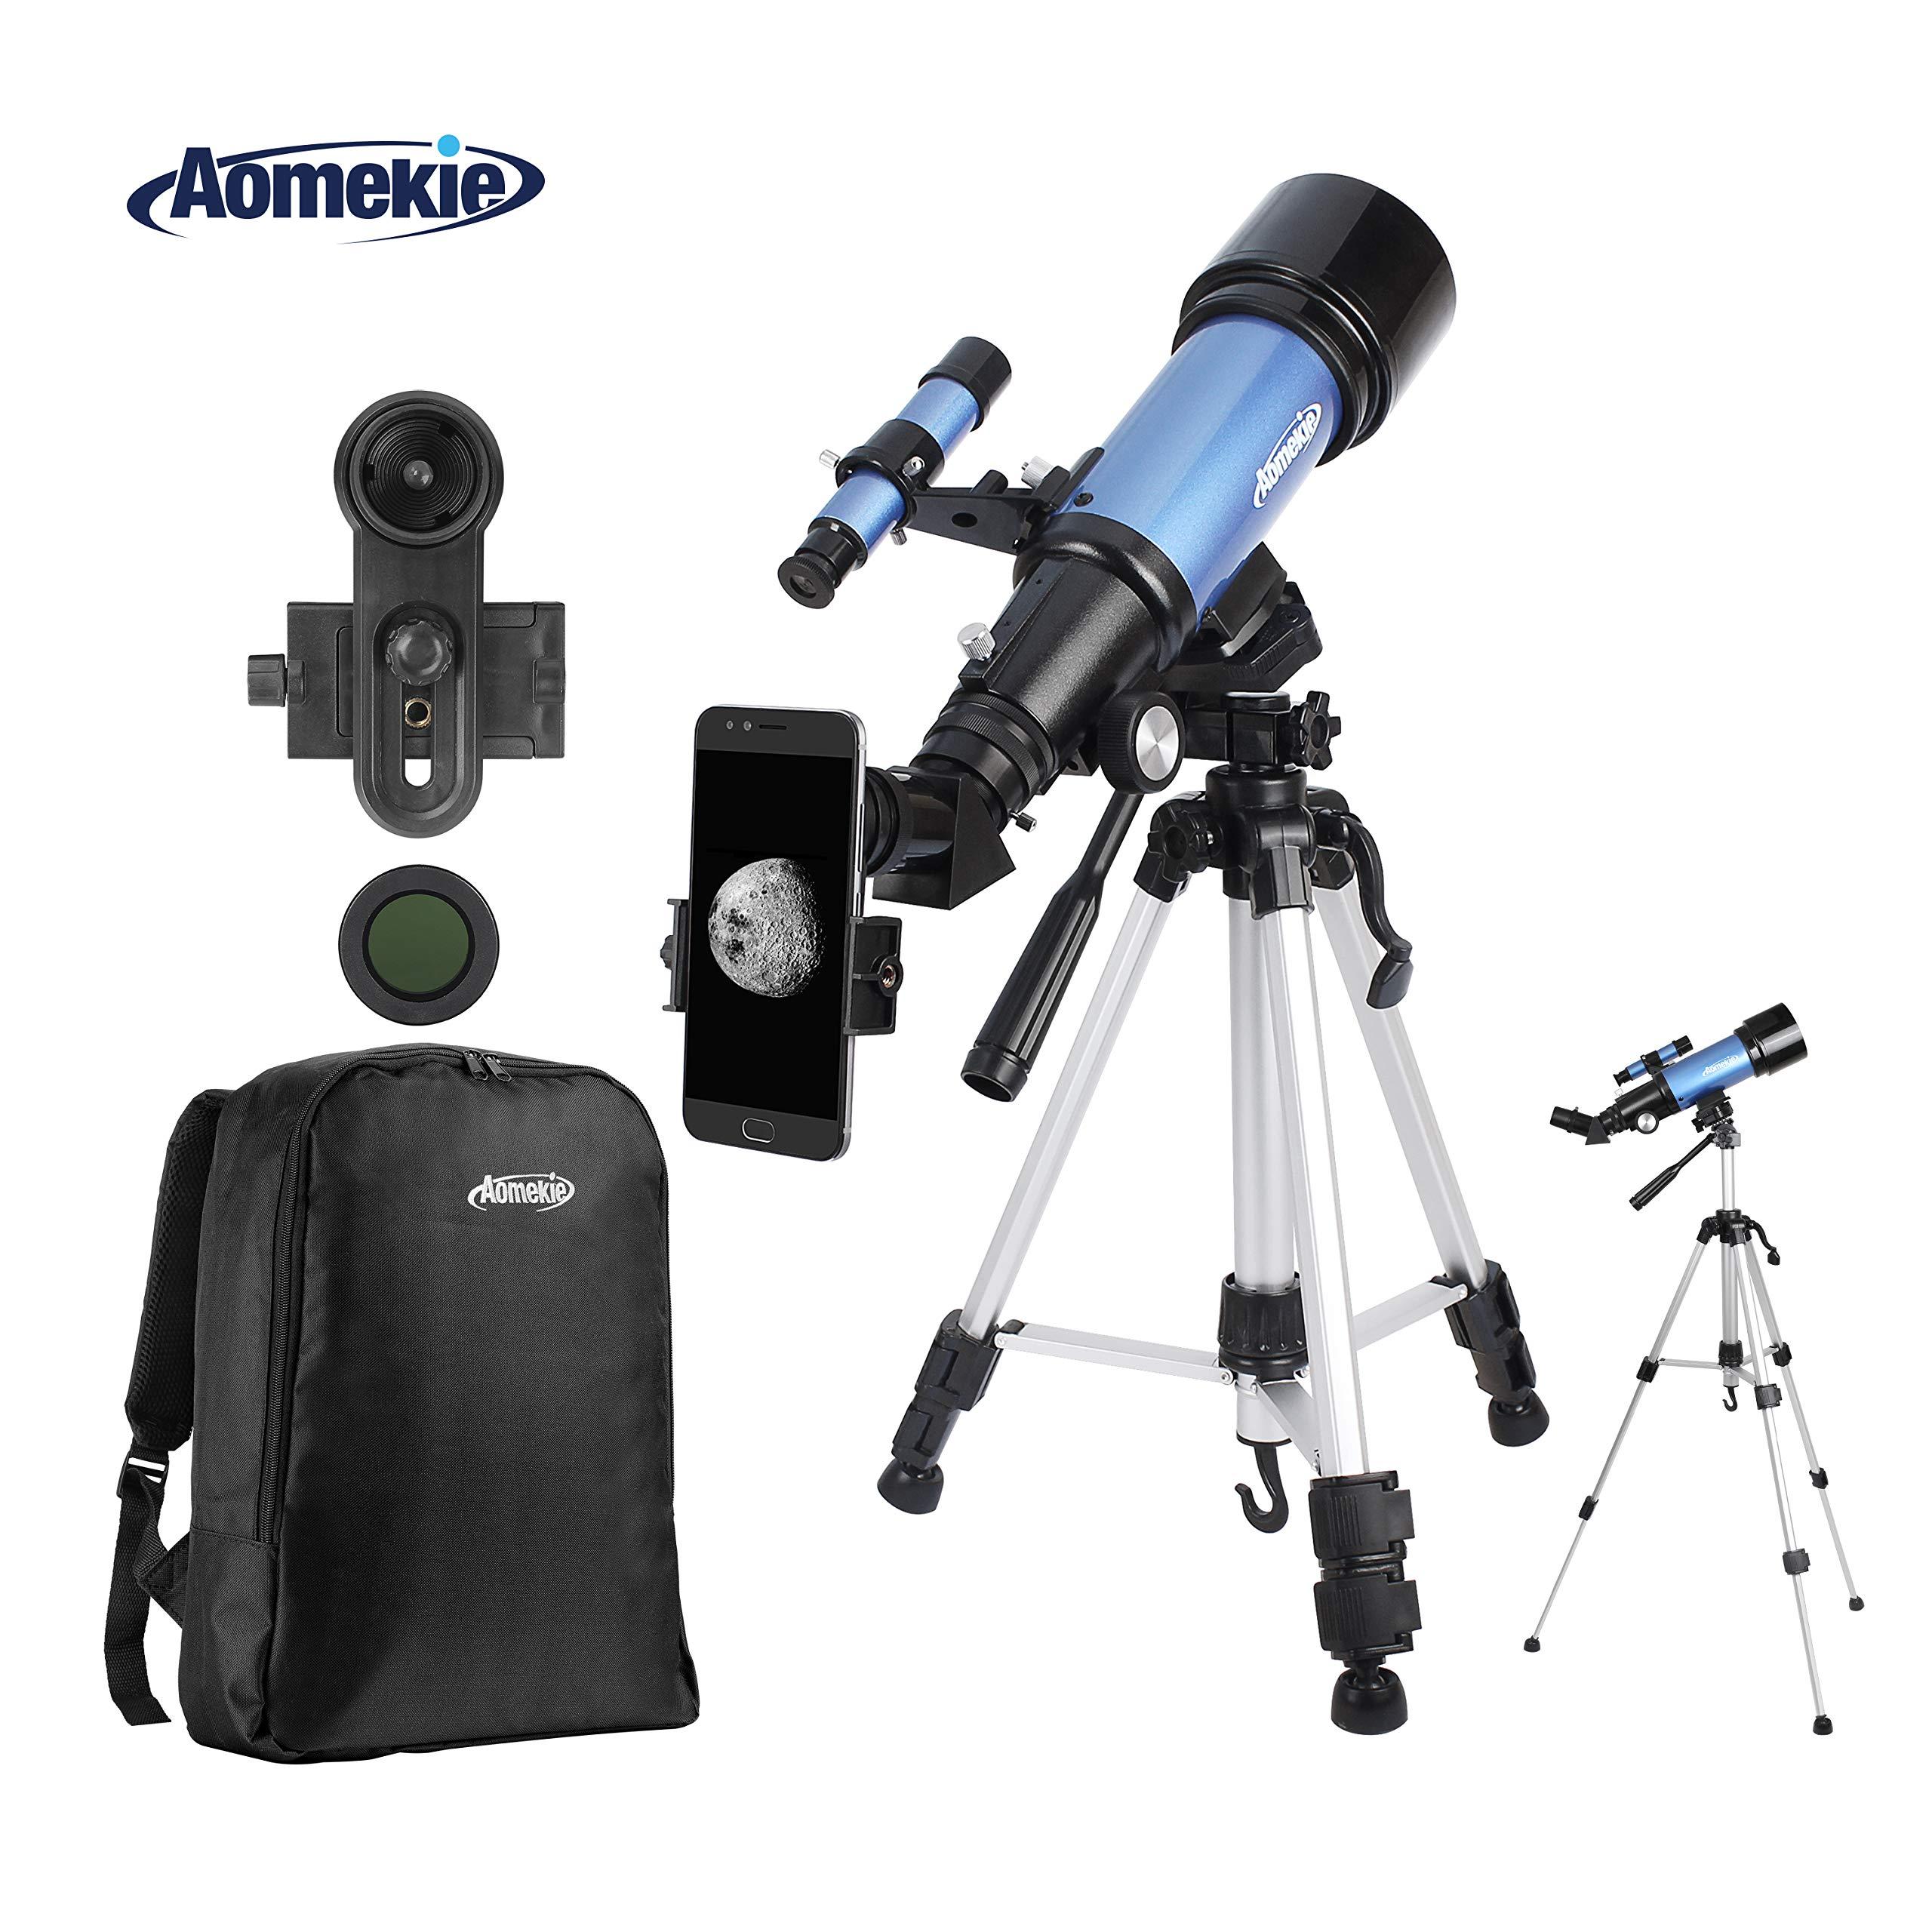 2b4353004a Aomekie Telescopio Astronómico 70/400 Telescopios Niños con Adaptador de  Teléfono 10X Mochila Trípode Ajustable Filtro de Luna y Lente 3X Barlow